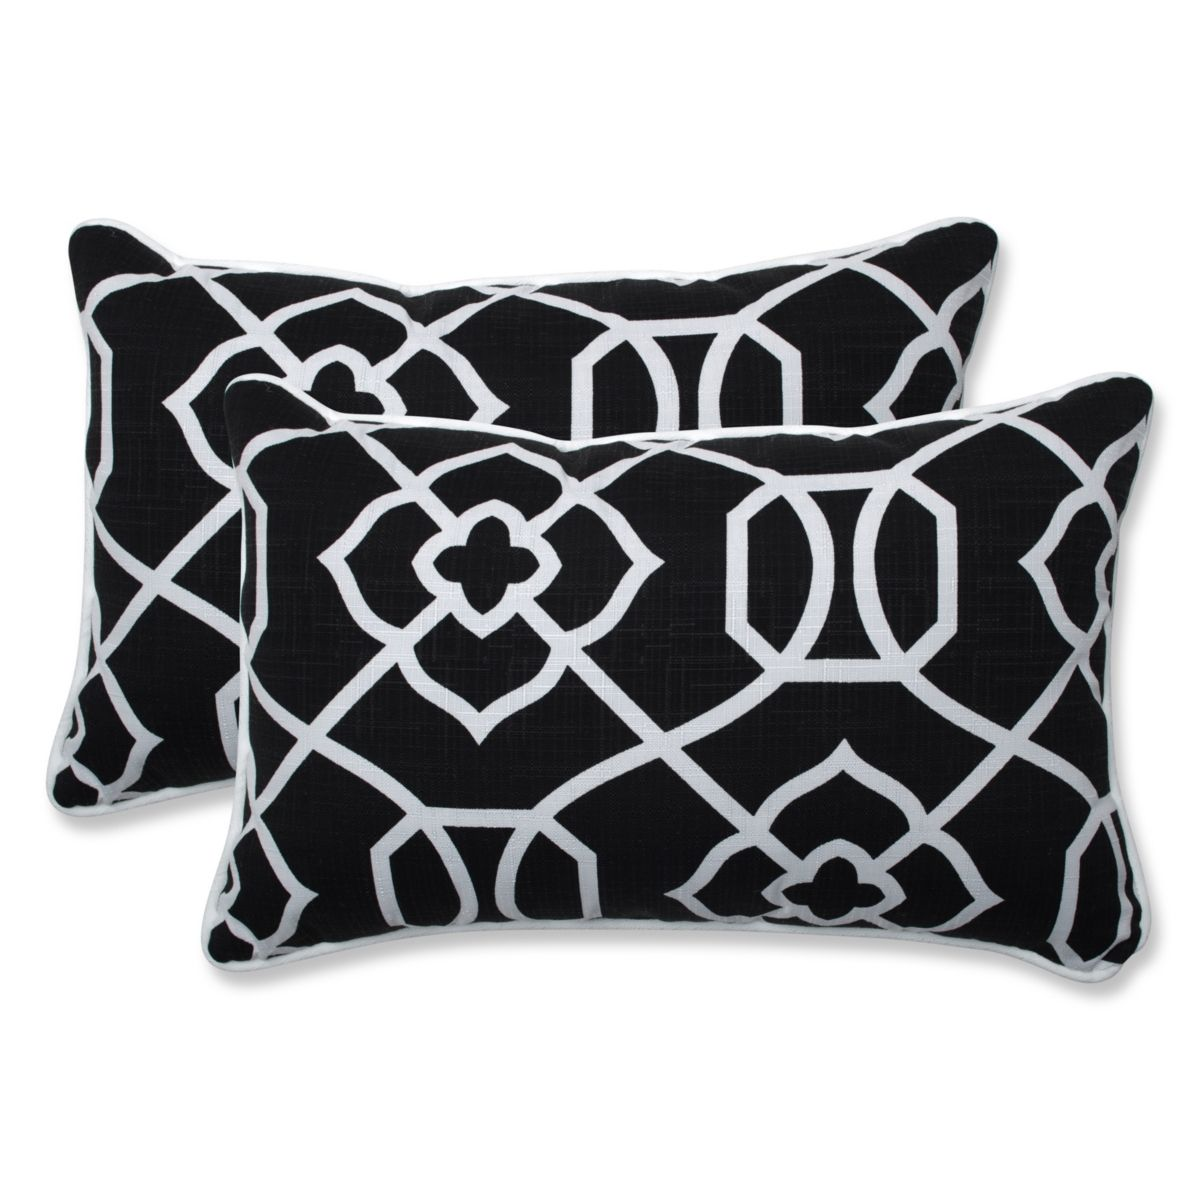 Pillow Perfect Kirkland Black